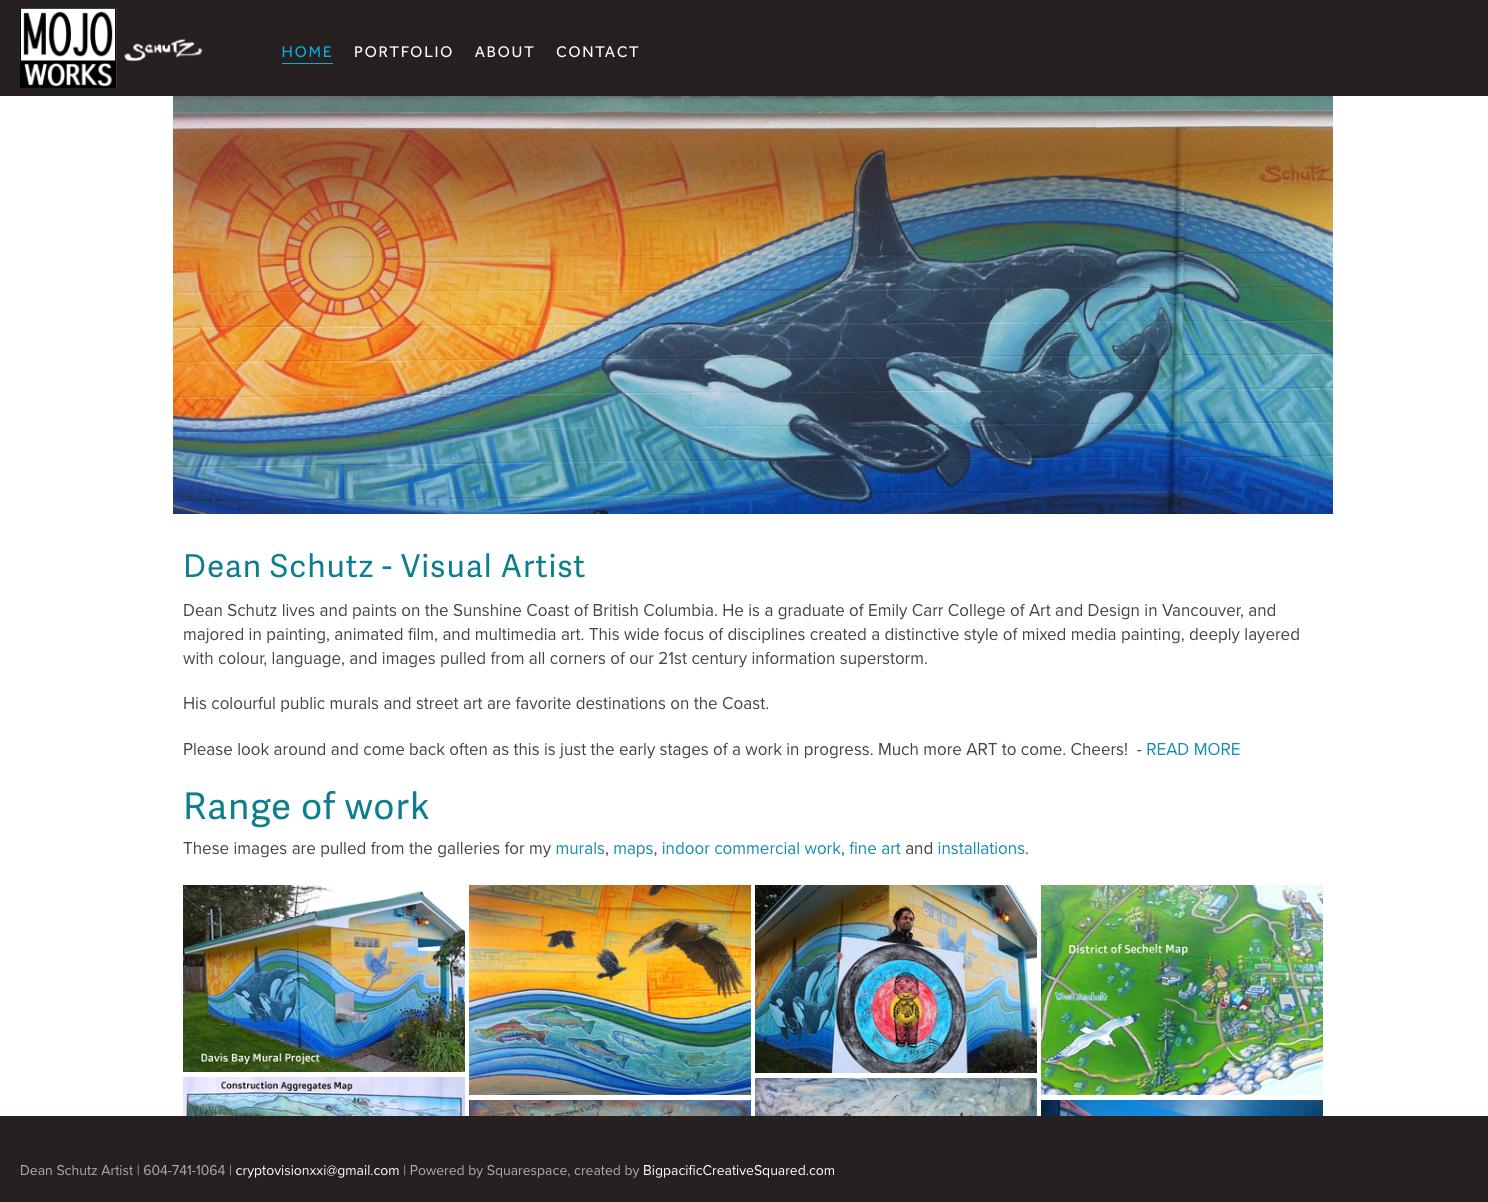 Dean Schutz artist web site